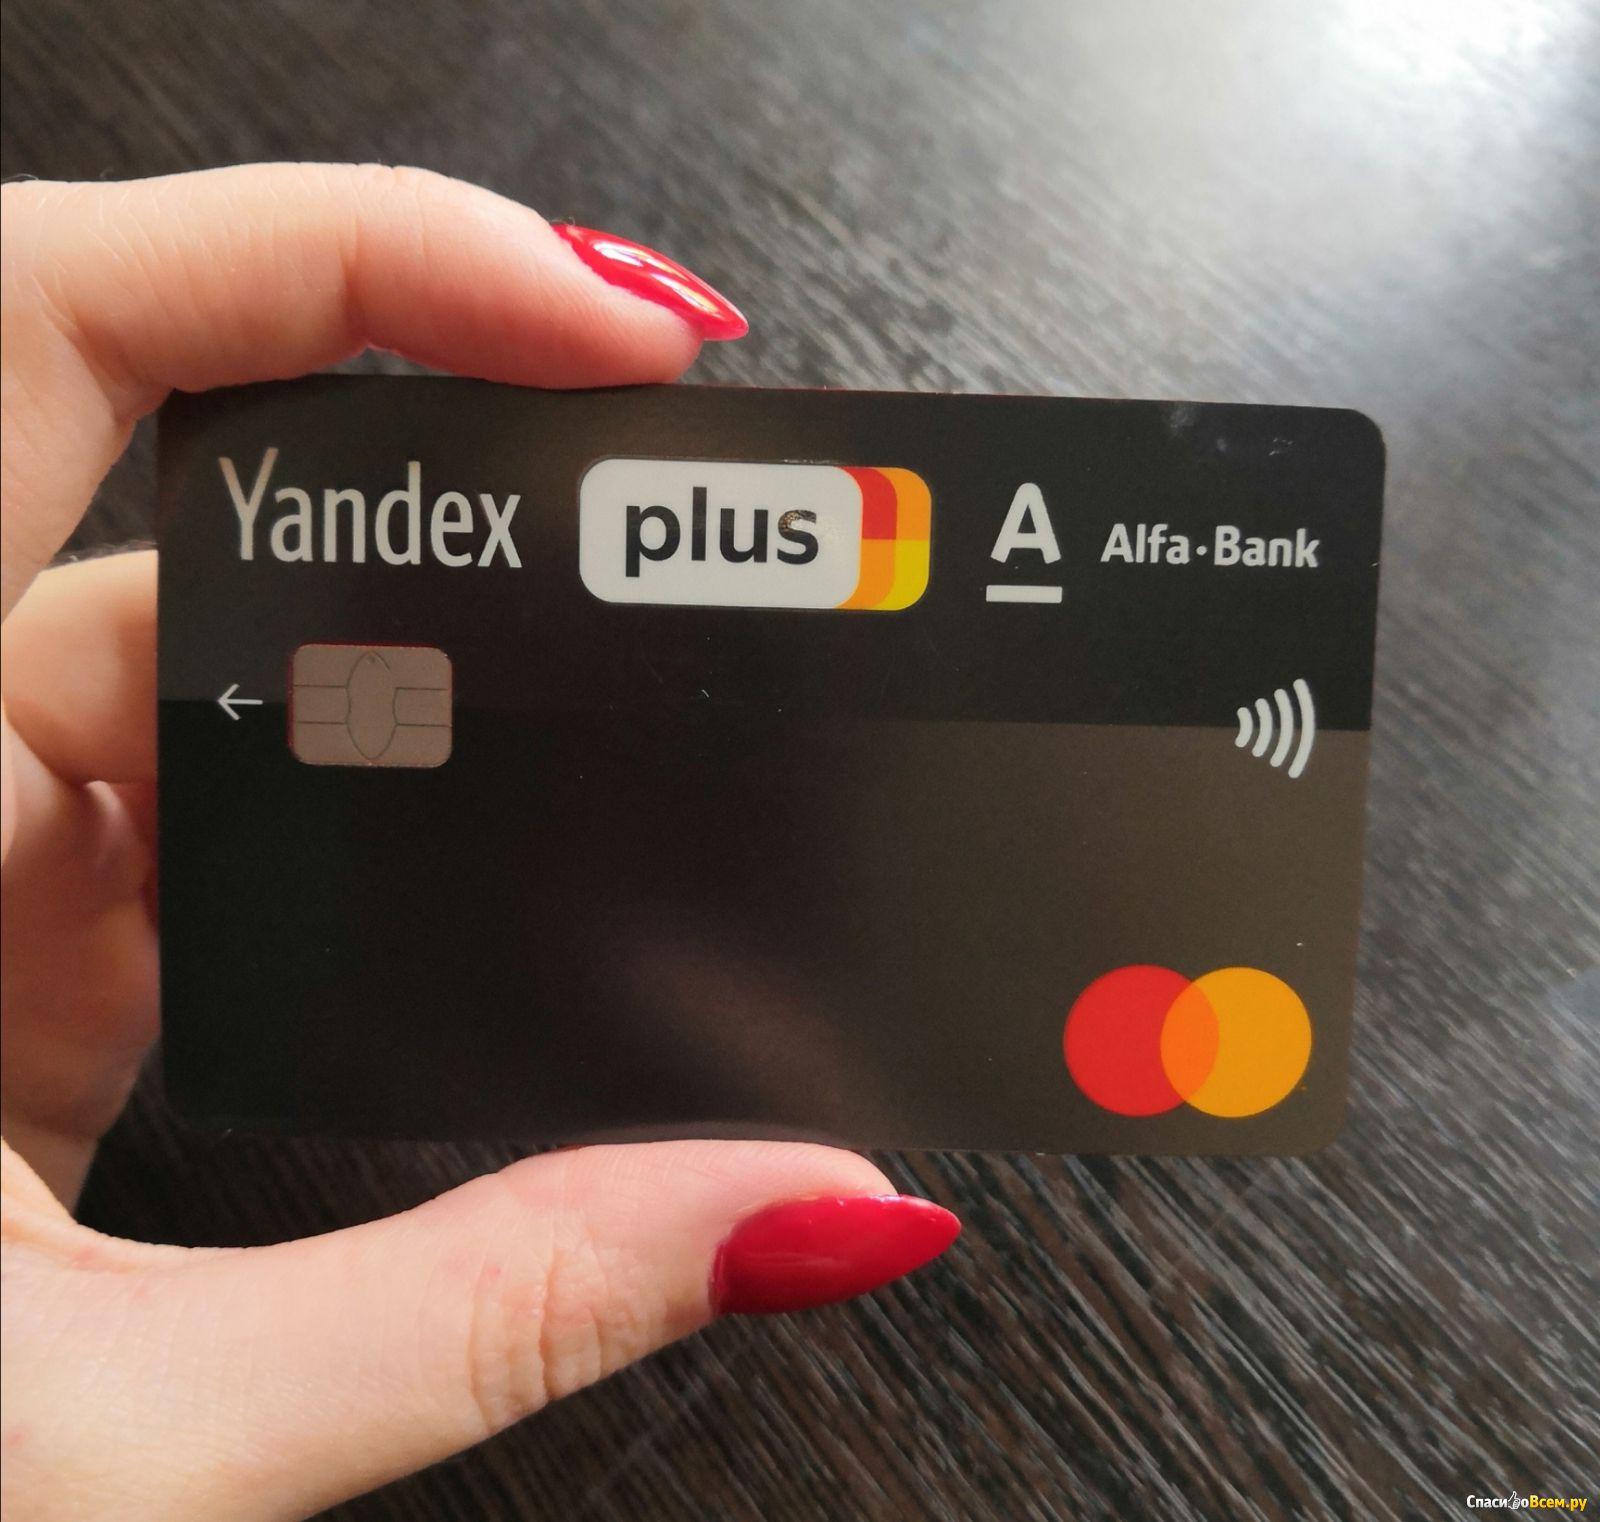 кредитная карта яндекс плюс альфа банк отзывы